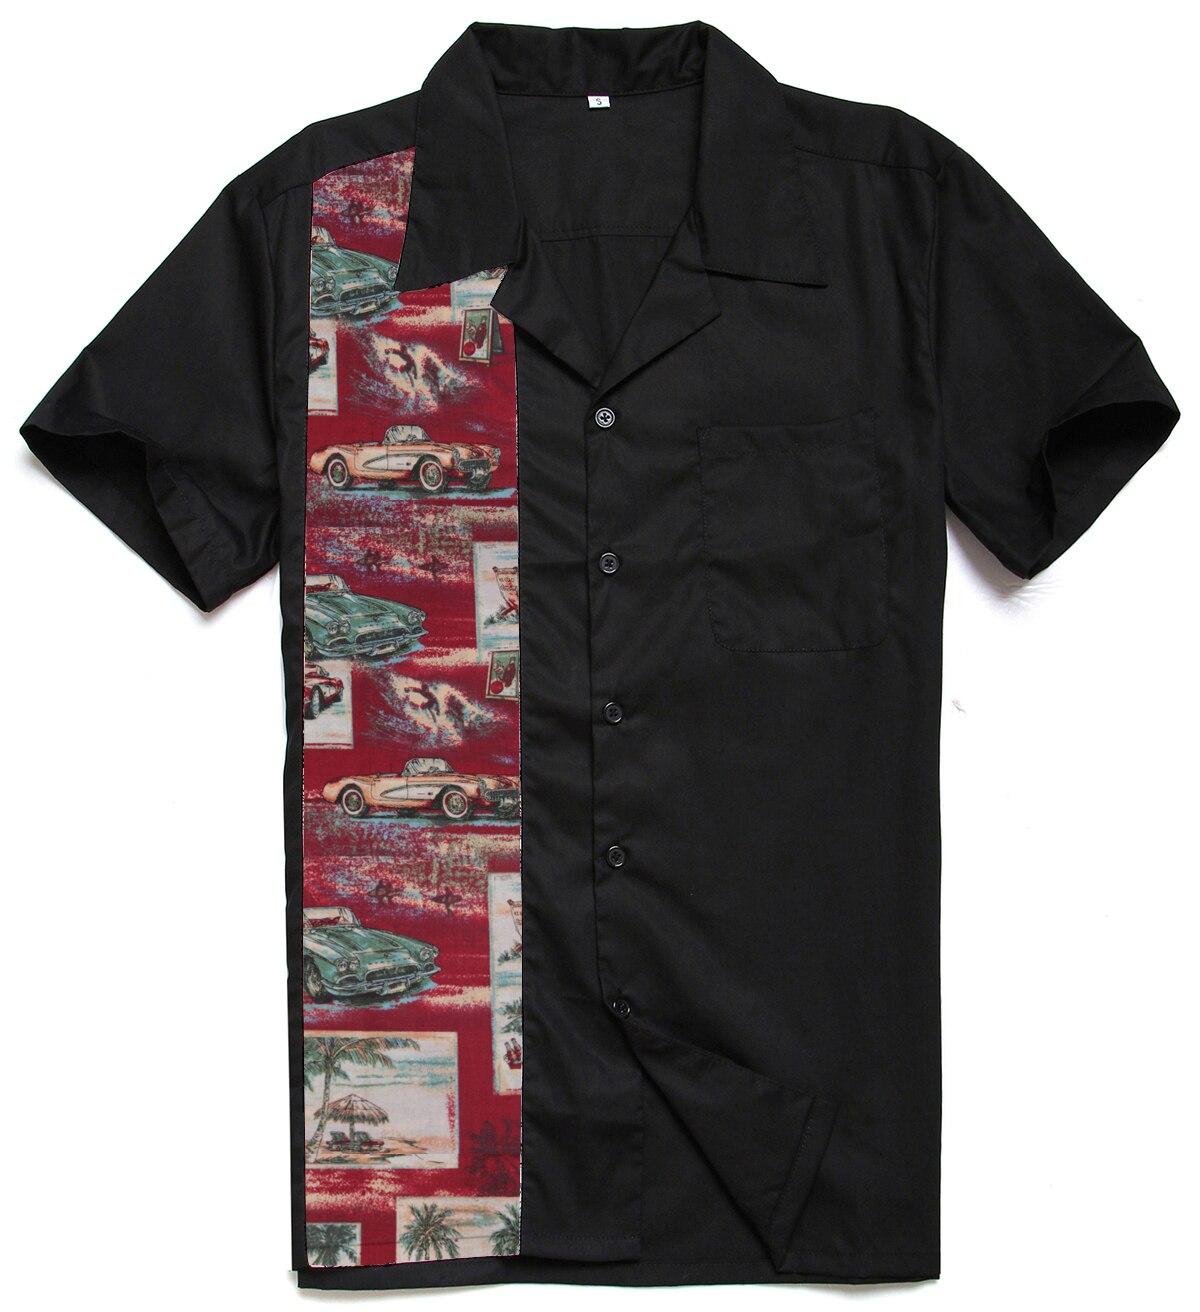 Herrenbekleidung & Zubehör Sishion Rockabilly Seefisch Männer Bowling Shirt Kurzarm Vintage Männer Kleidung St110 Schwarz Baumwolle Taste Up Camisa Hombre Legere Hemden